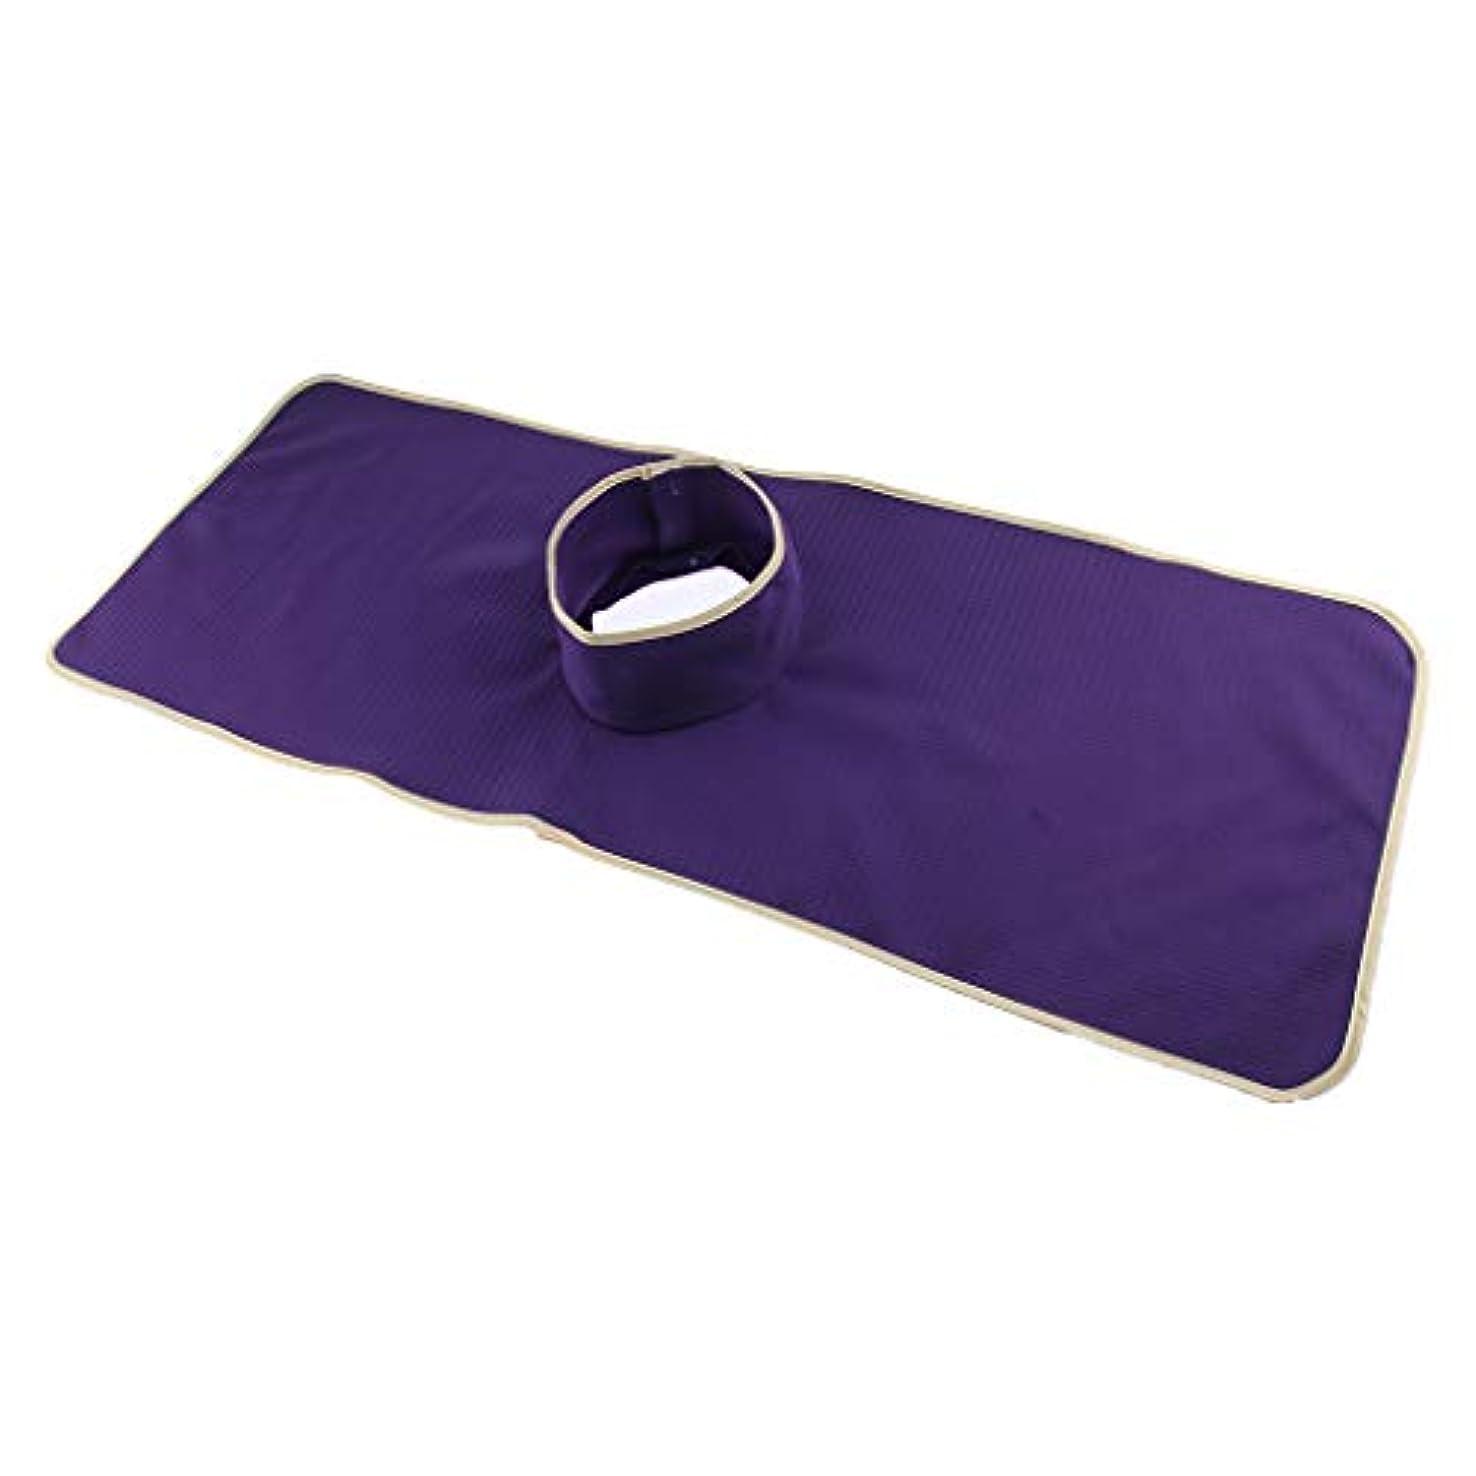 休憩するバックアップ署名洗える指圧マッサージベッドタトゥーテーブルシートパッドマットフェイスホールカバー - 紫